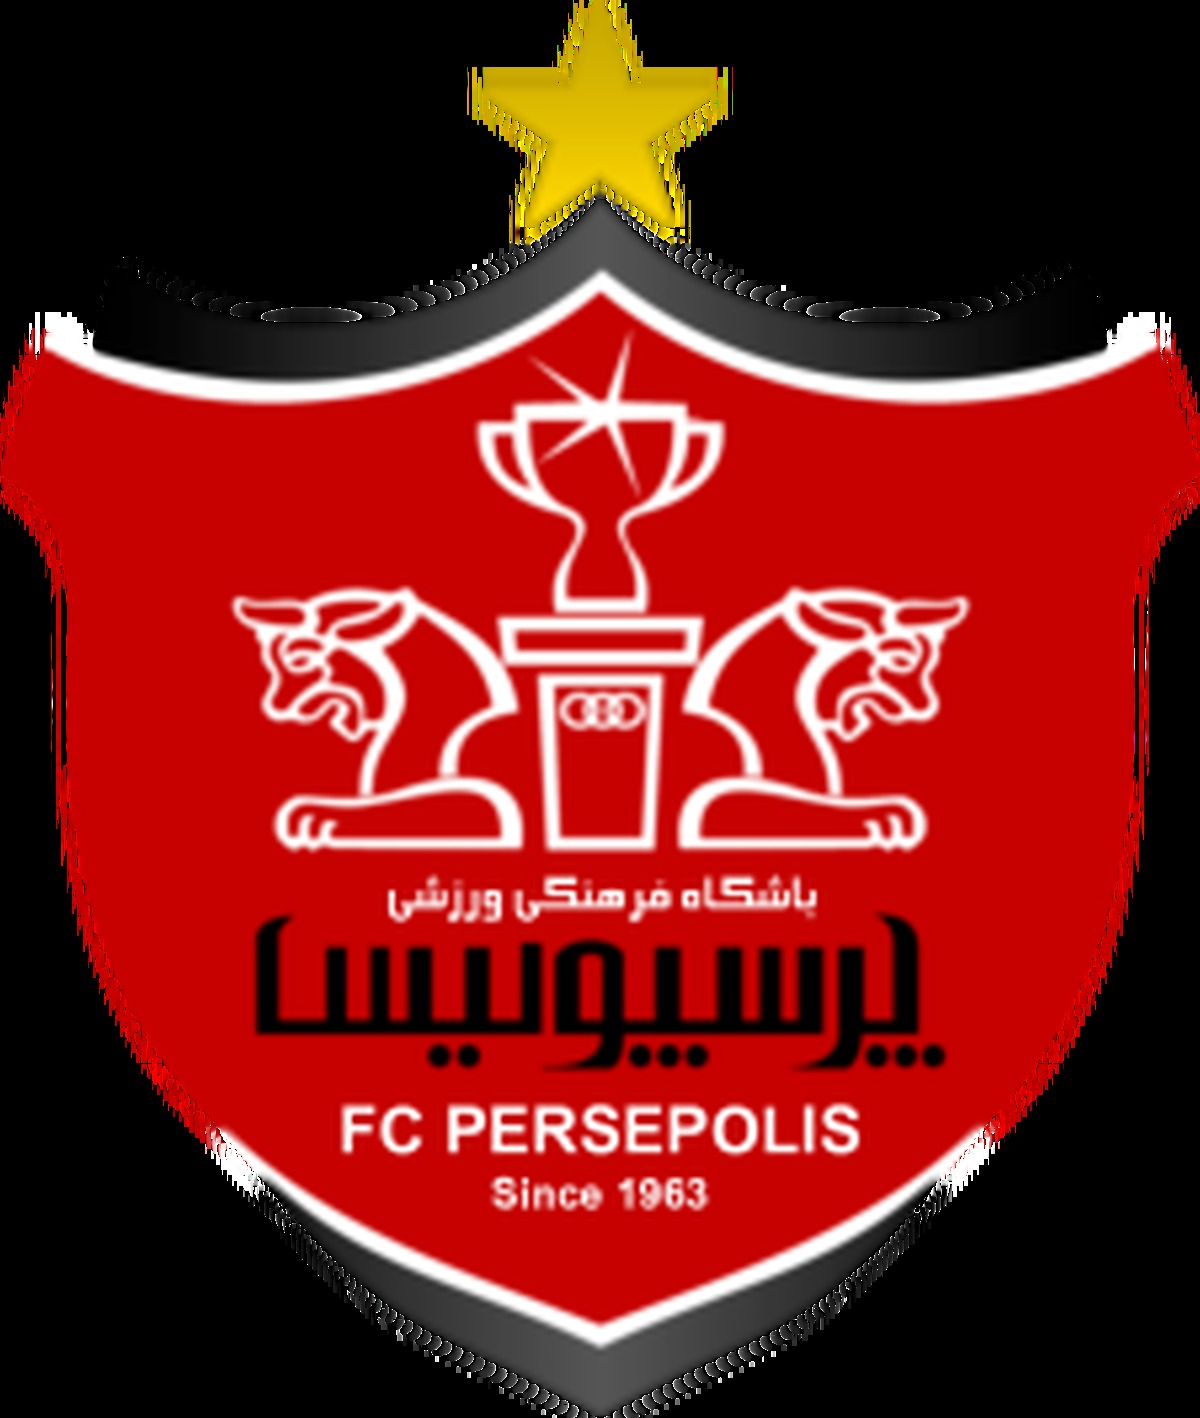 مدیران باشگاه پرسپولیس با ادامه ی برگزاری بازی ها مخالفت کردند